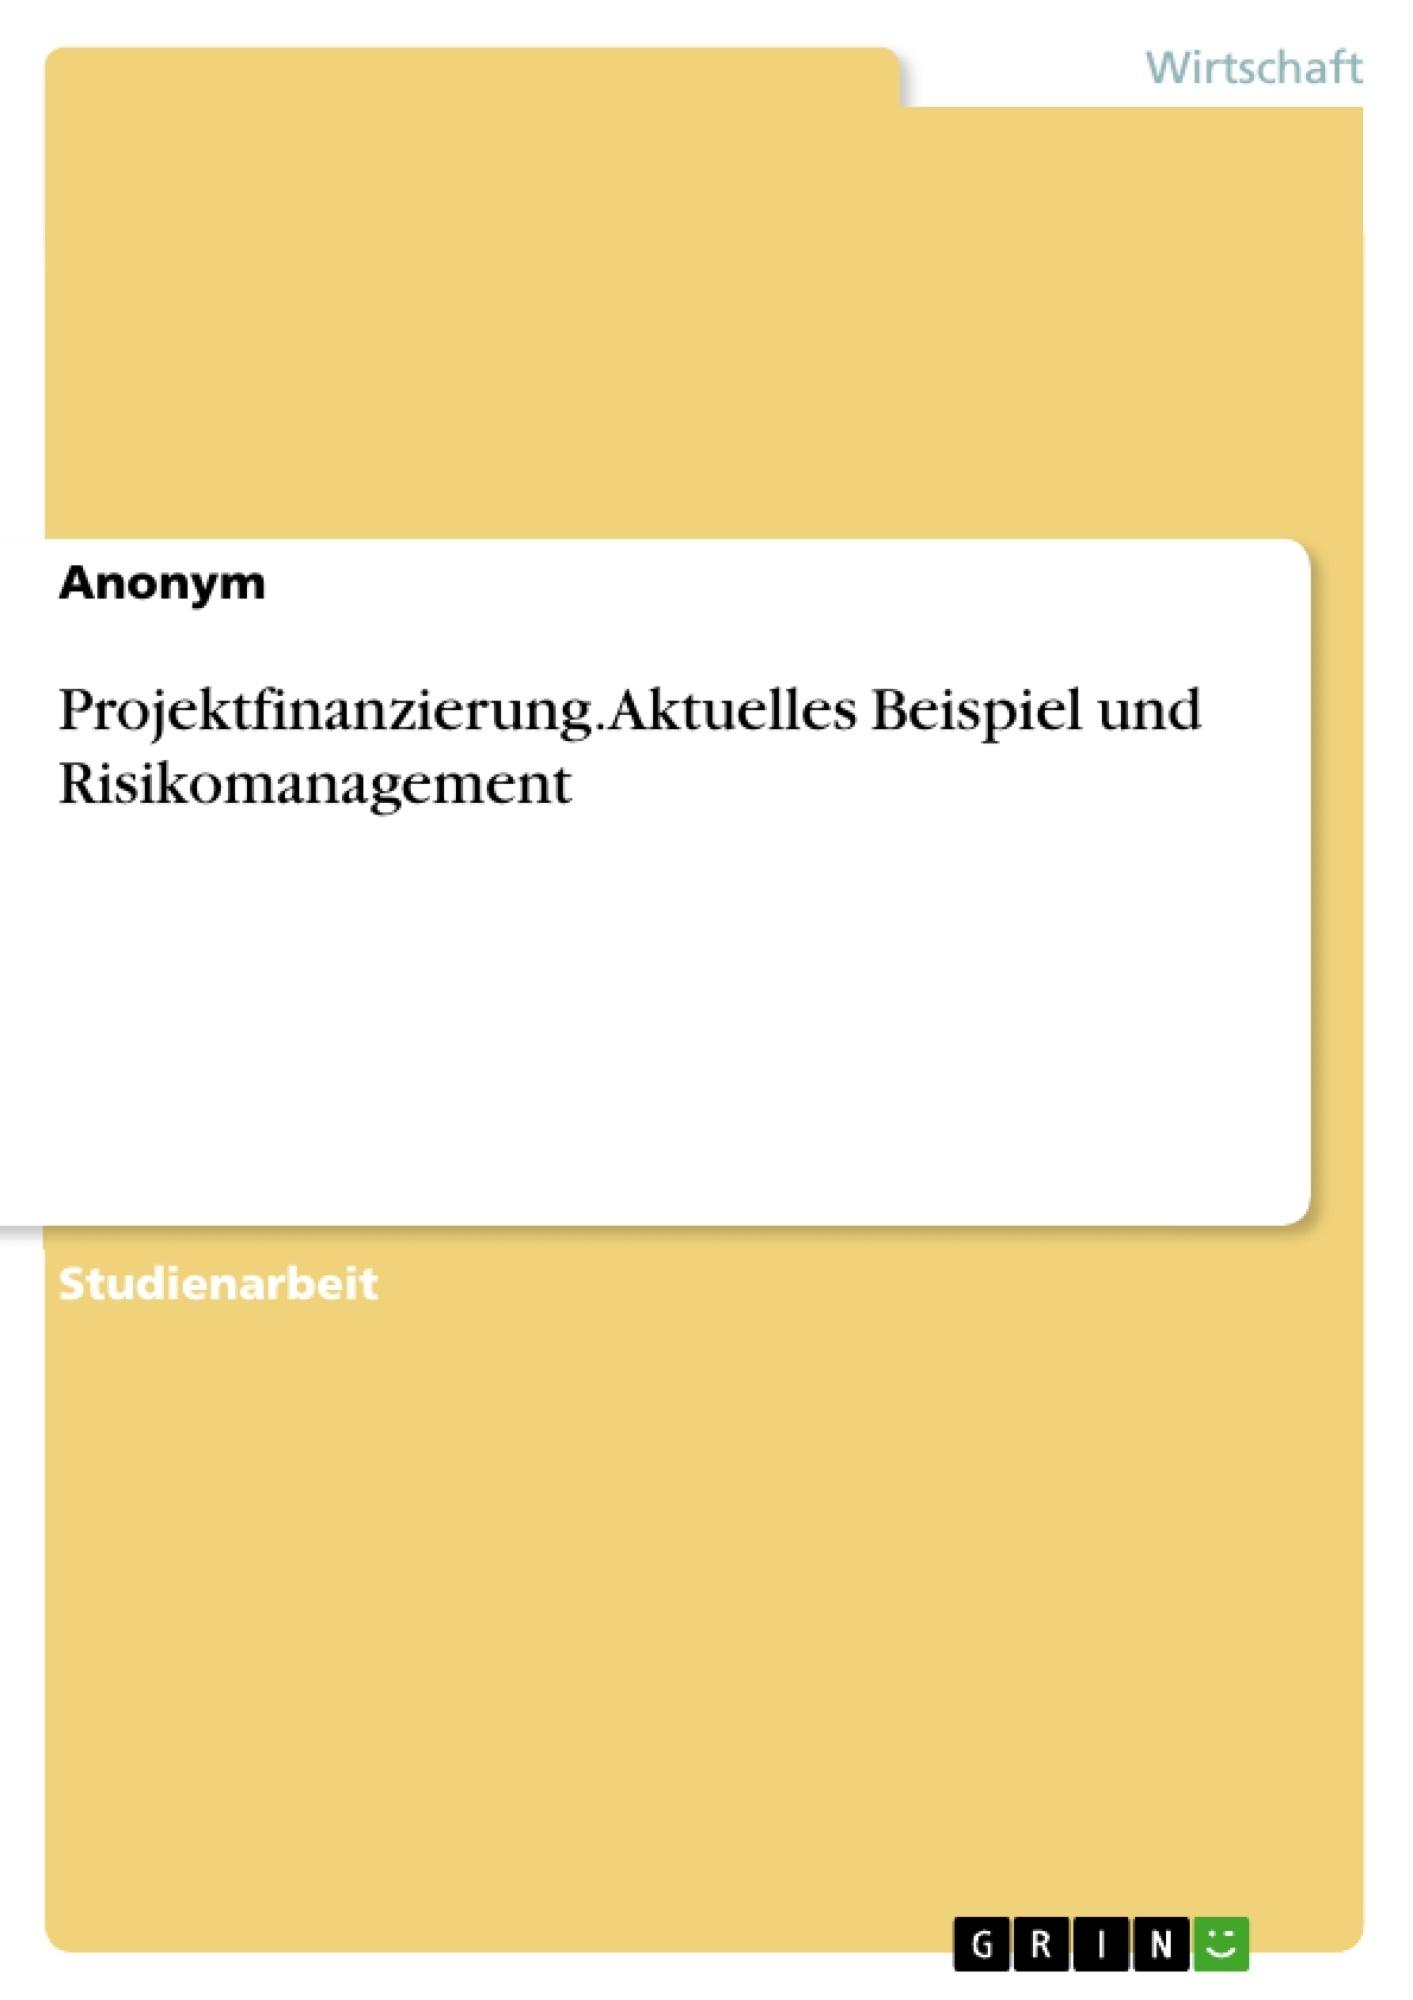 Titel: Projektfinanzierung. Aktuelles Beispiel und Risikomanagement